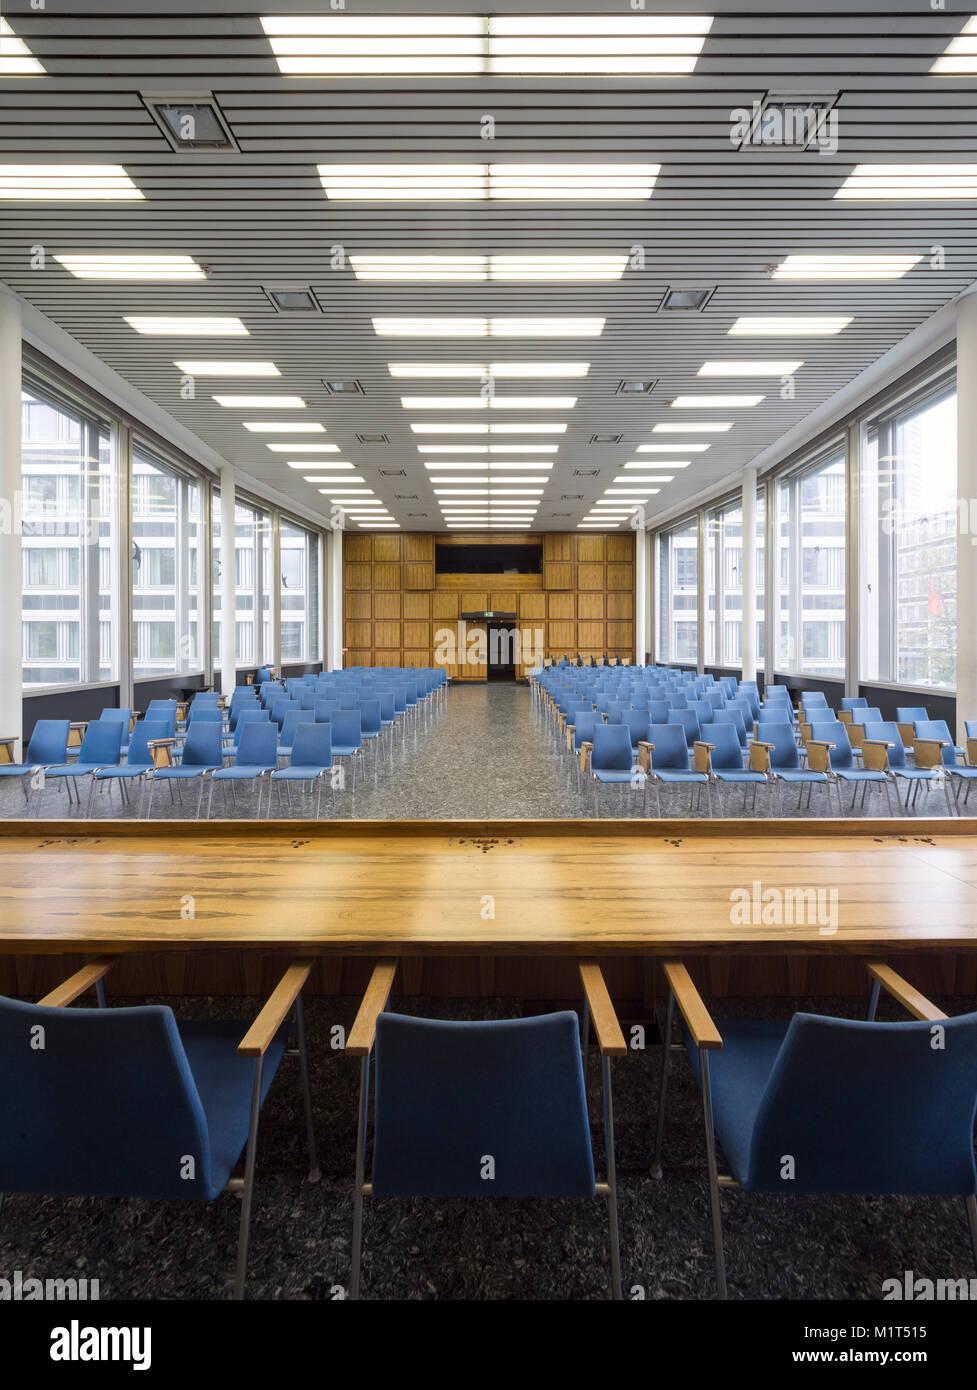 Bonn, Regierungsviertel (Bundesviertel, Parlamentsviertel), Allianzbauten am Tulpenfeld, 1964-1969 von Hanns Dustmann erbaut, Pressehaus des Deutschen Stock Photo